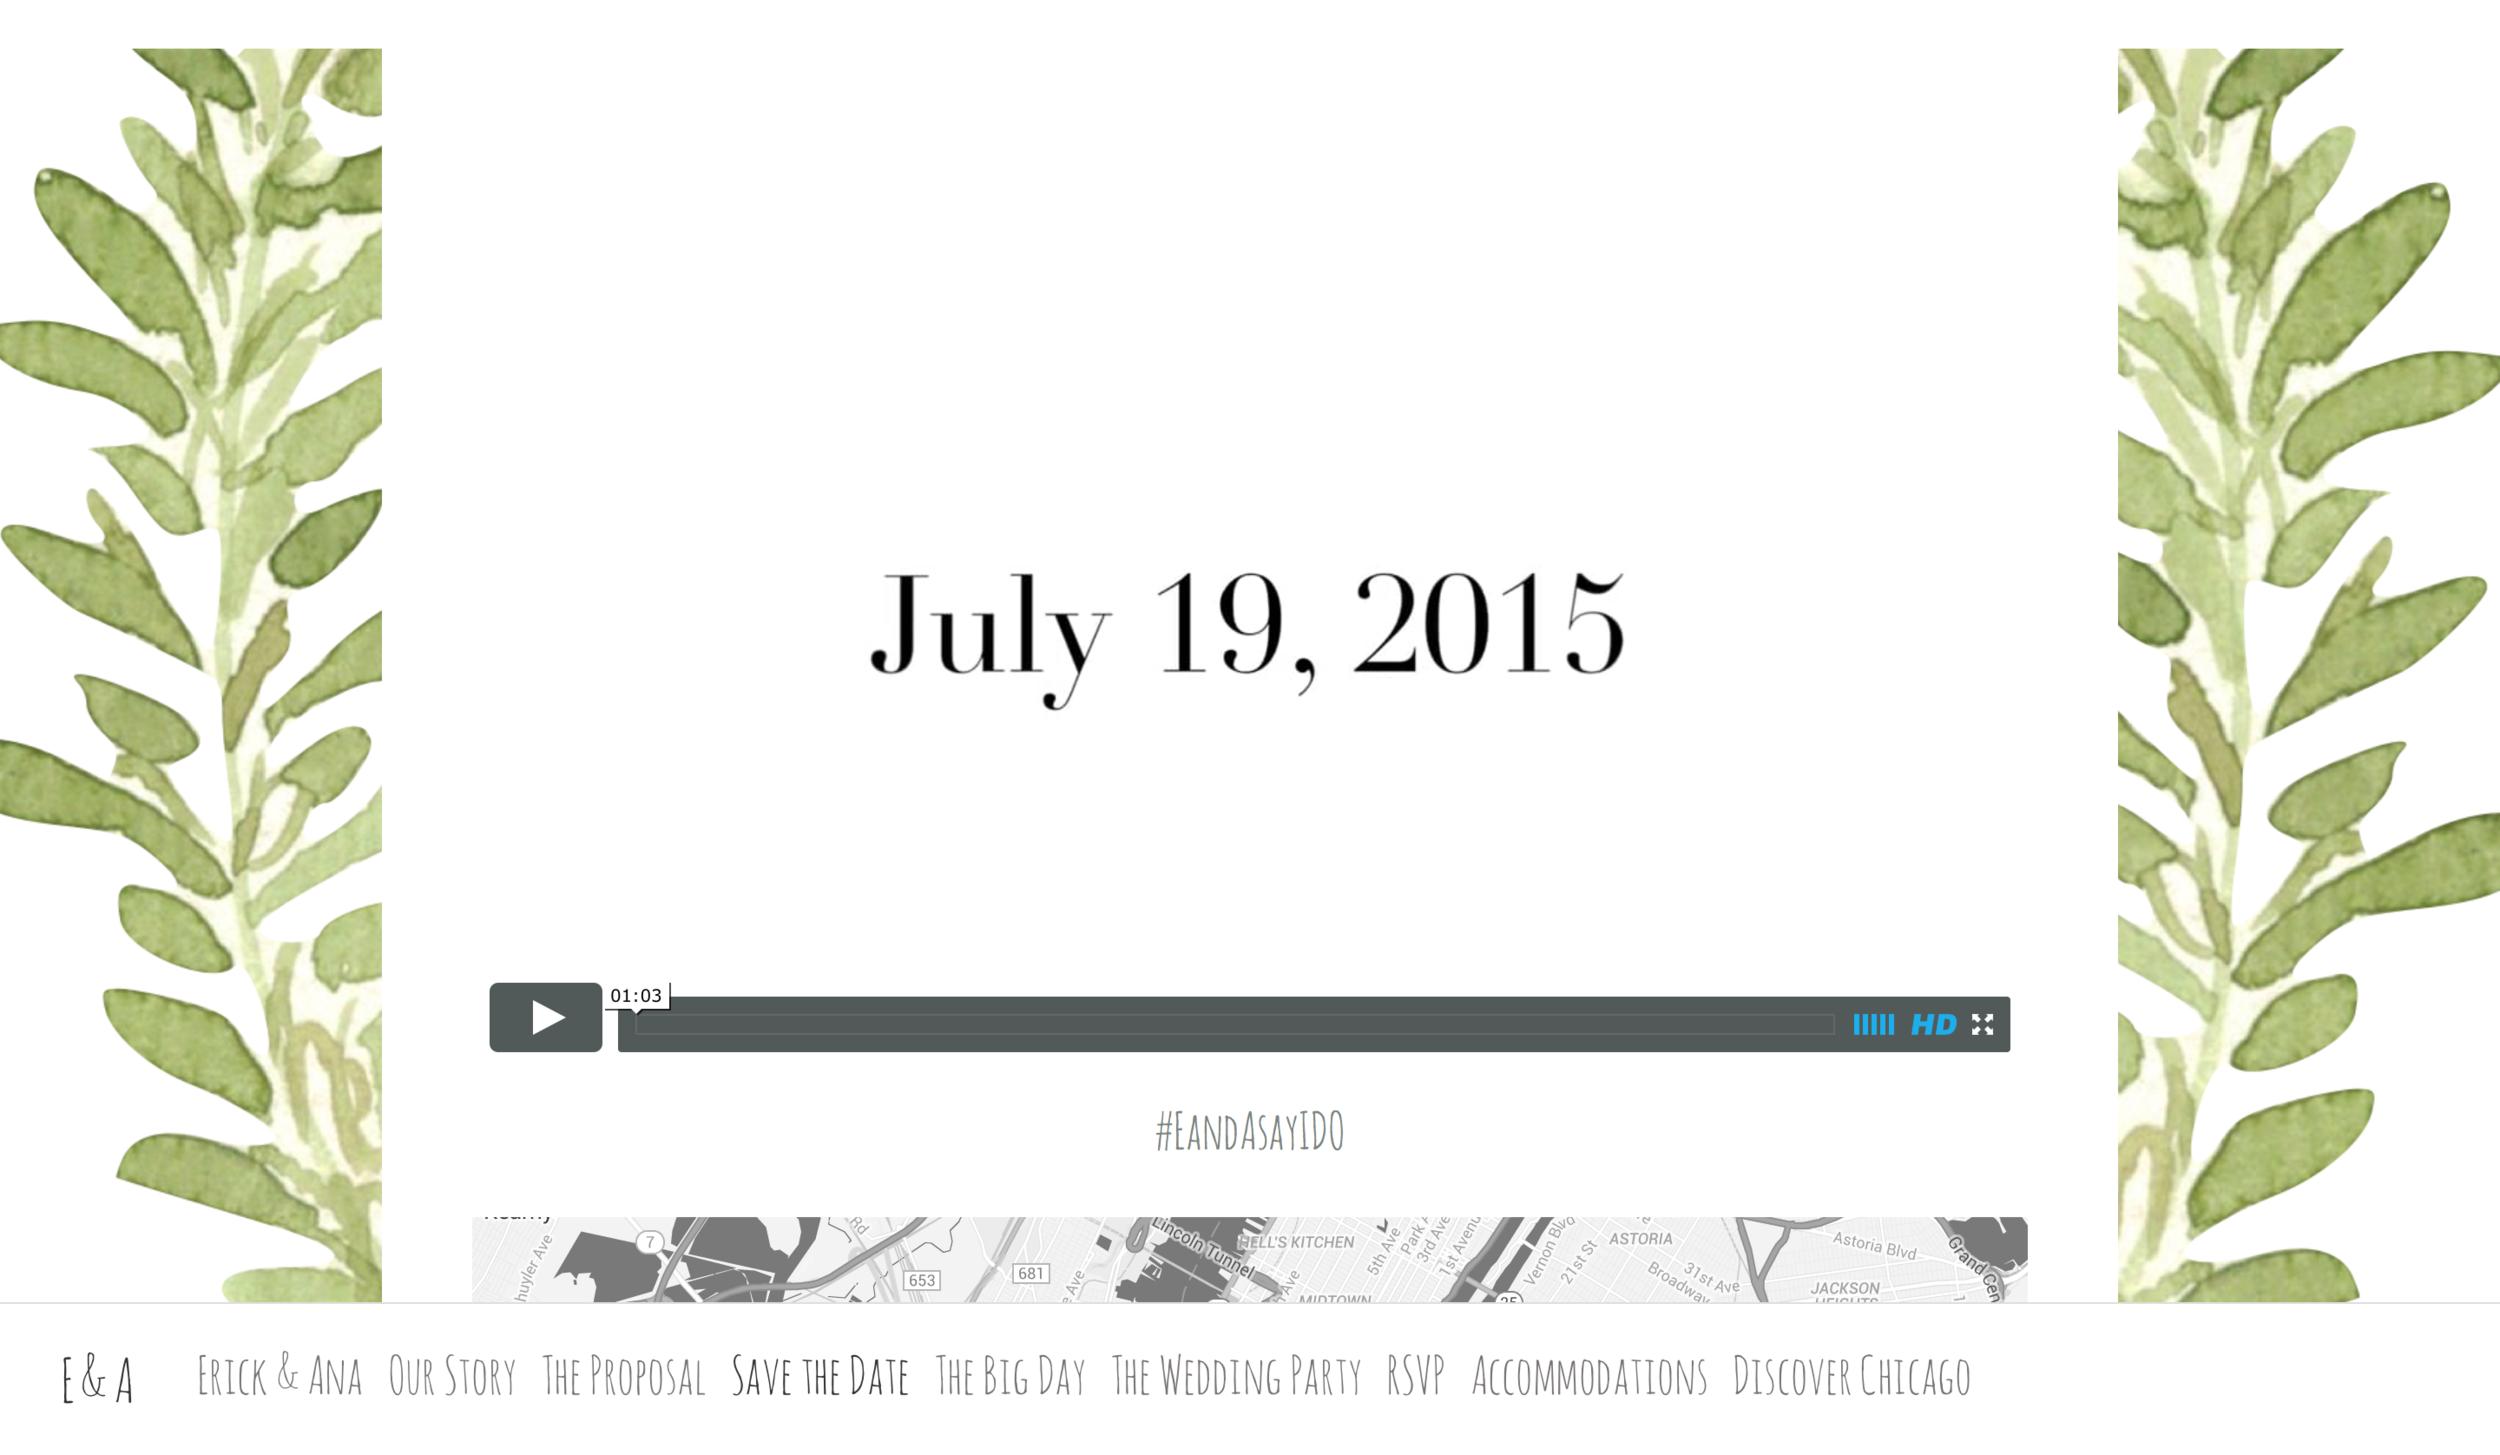 Screen Shot 2015-08-02 at 3.03.58 PM.png